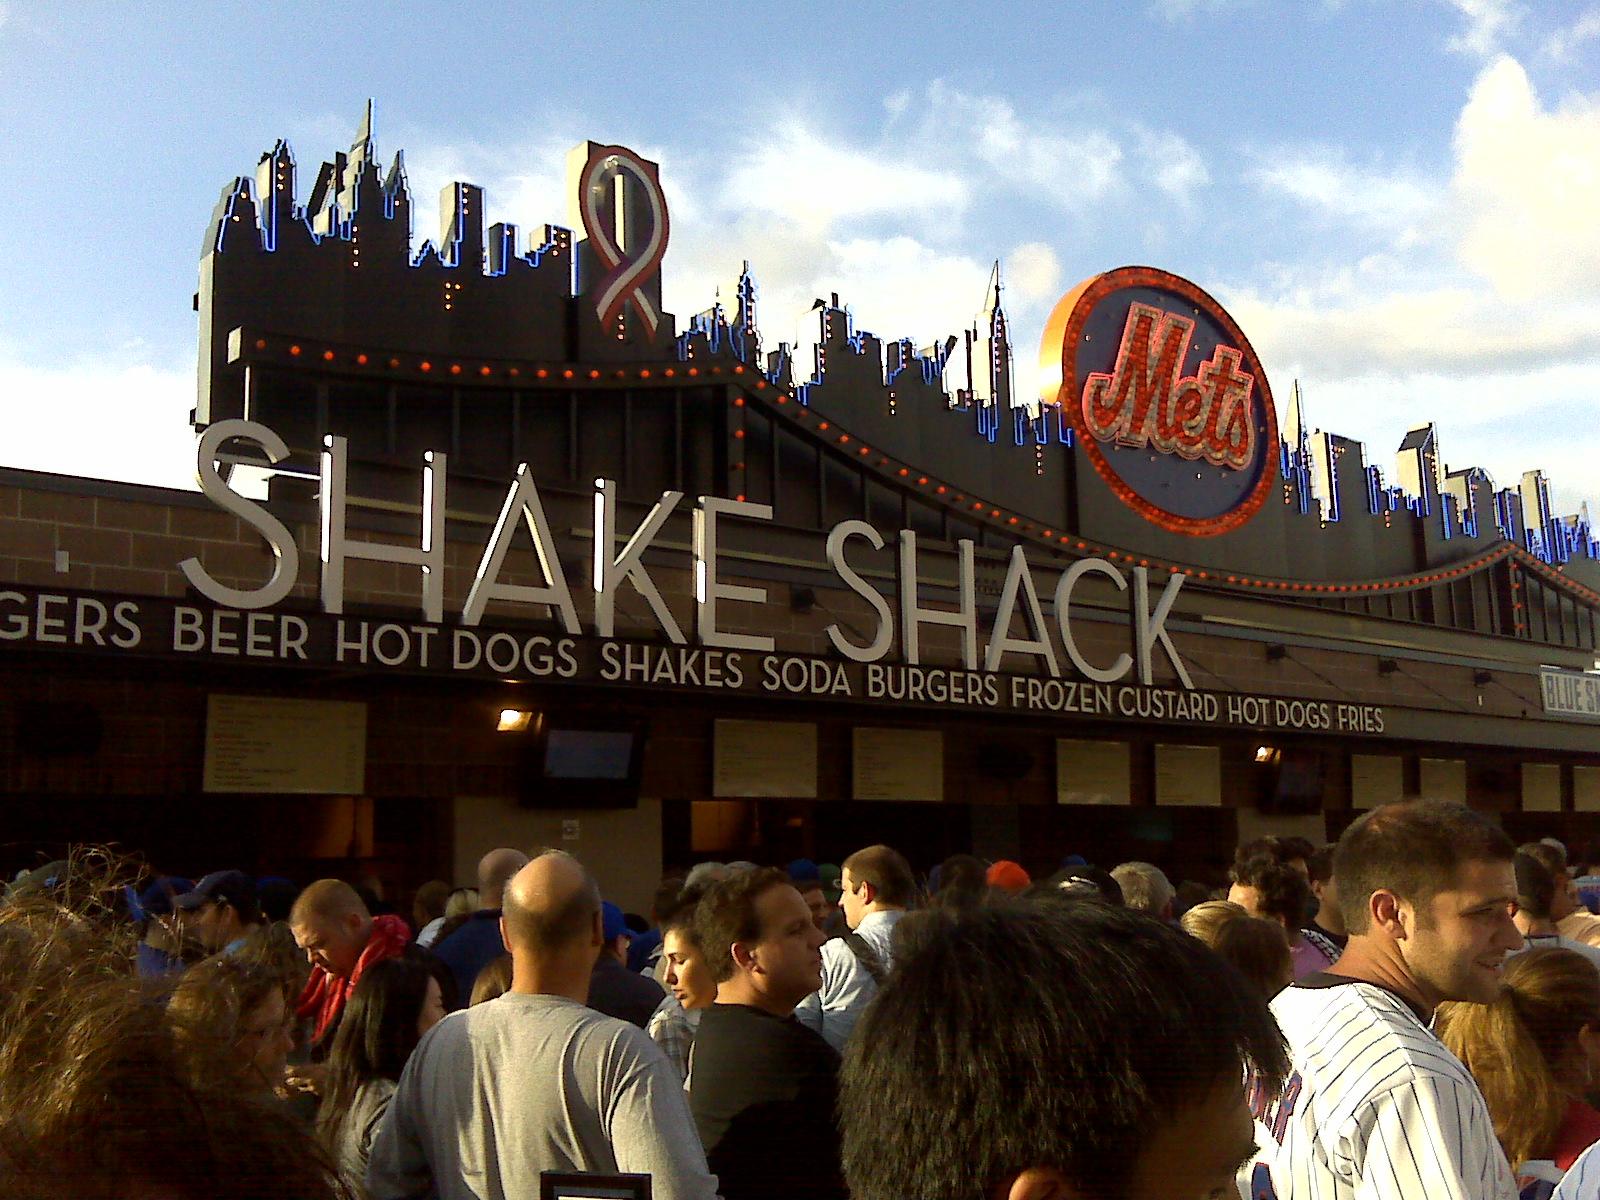 shakesh